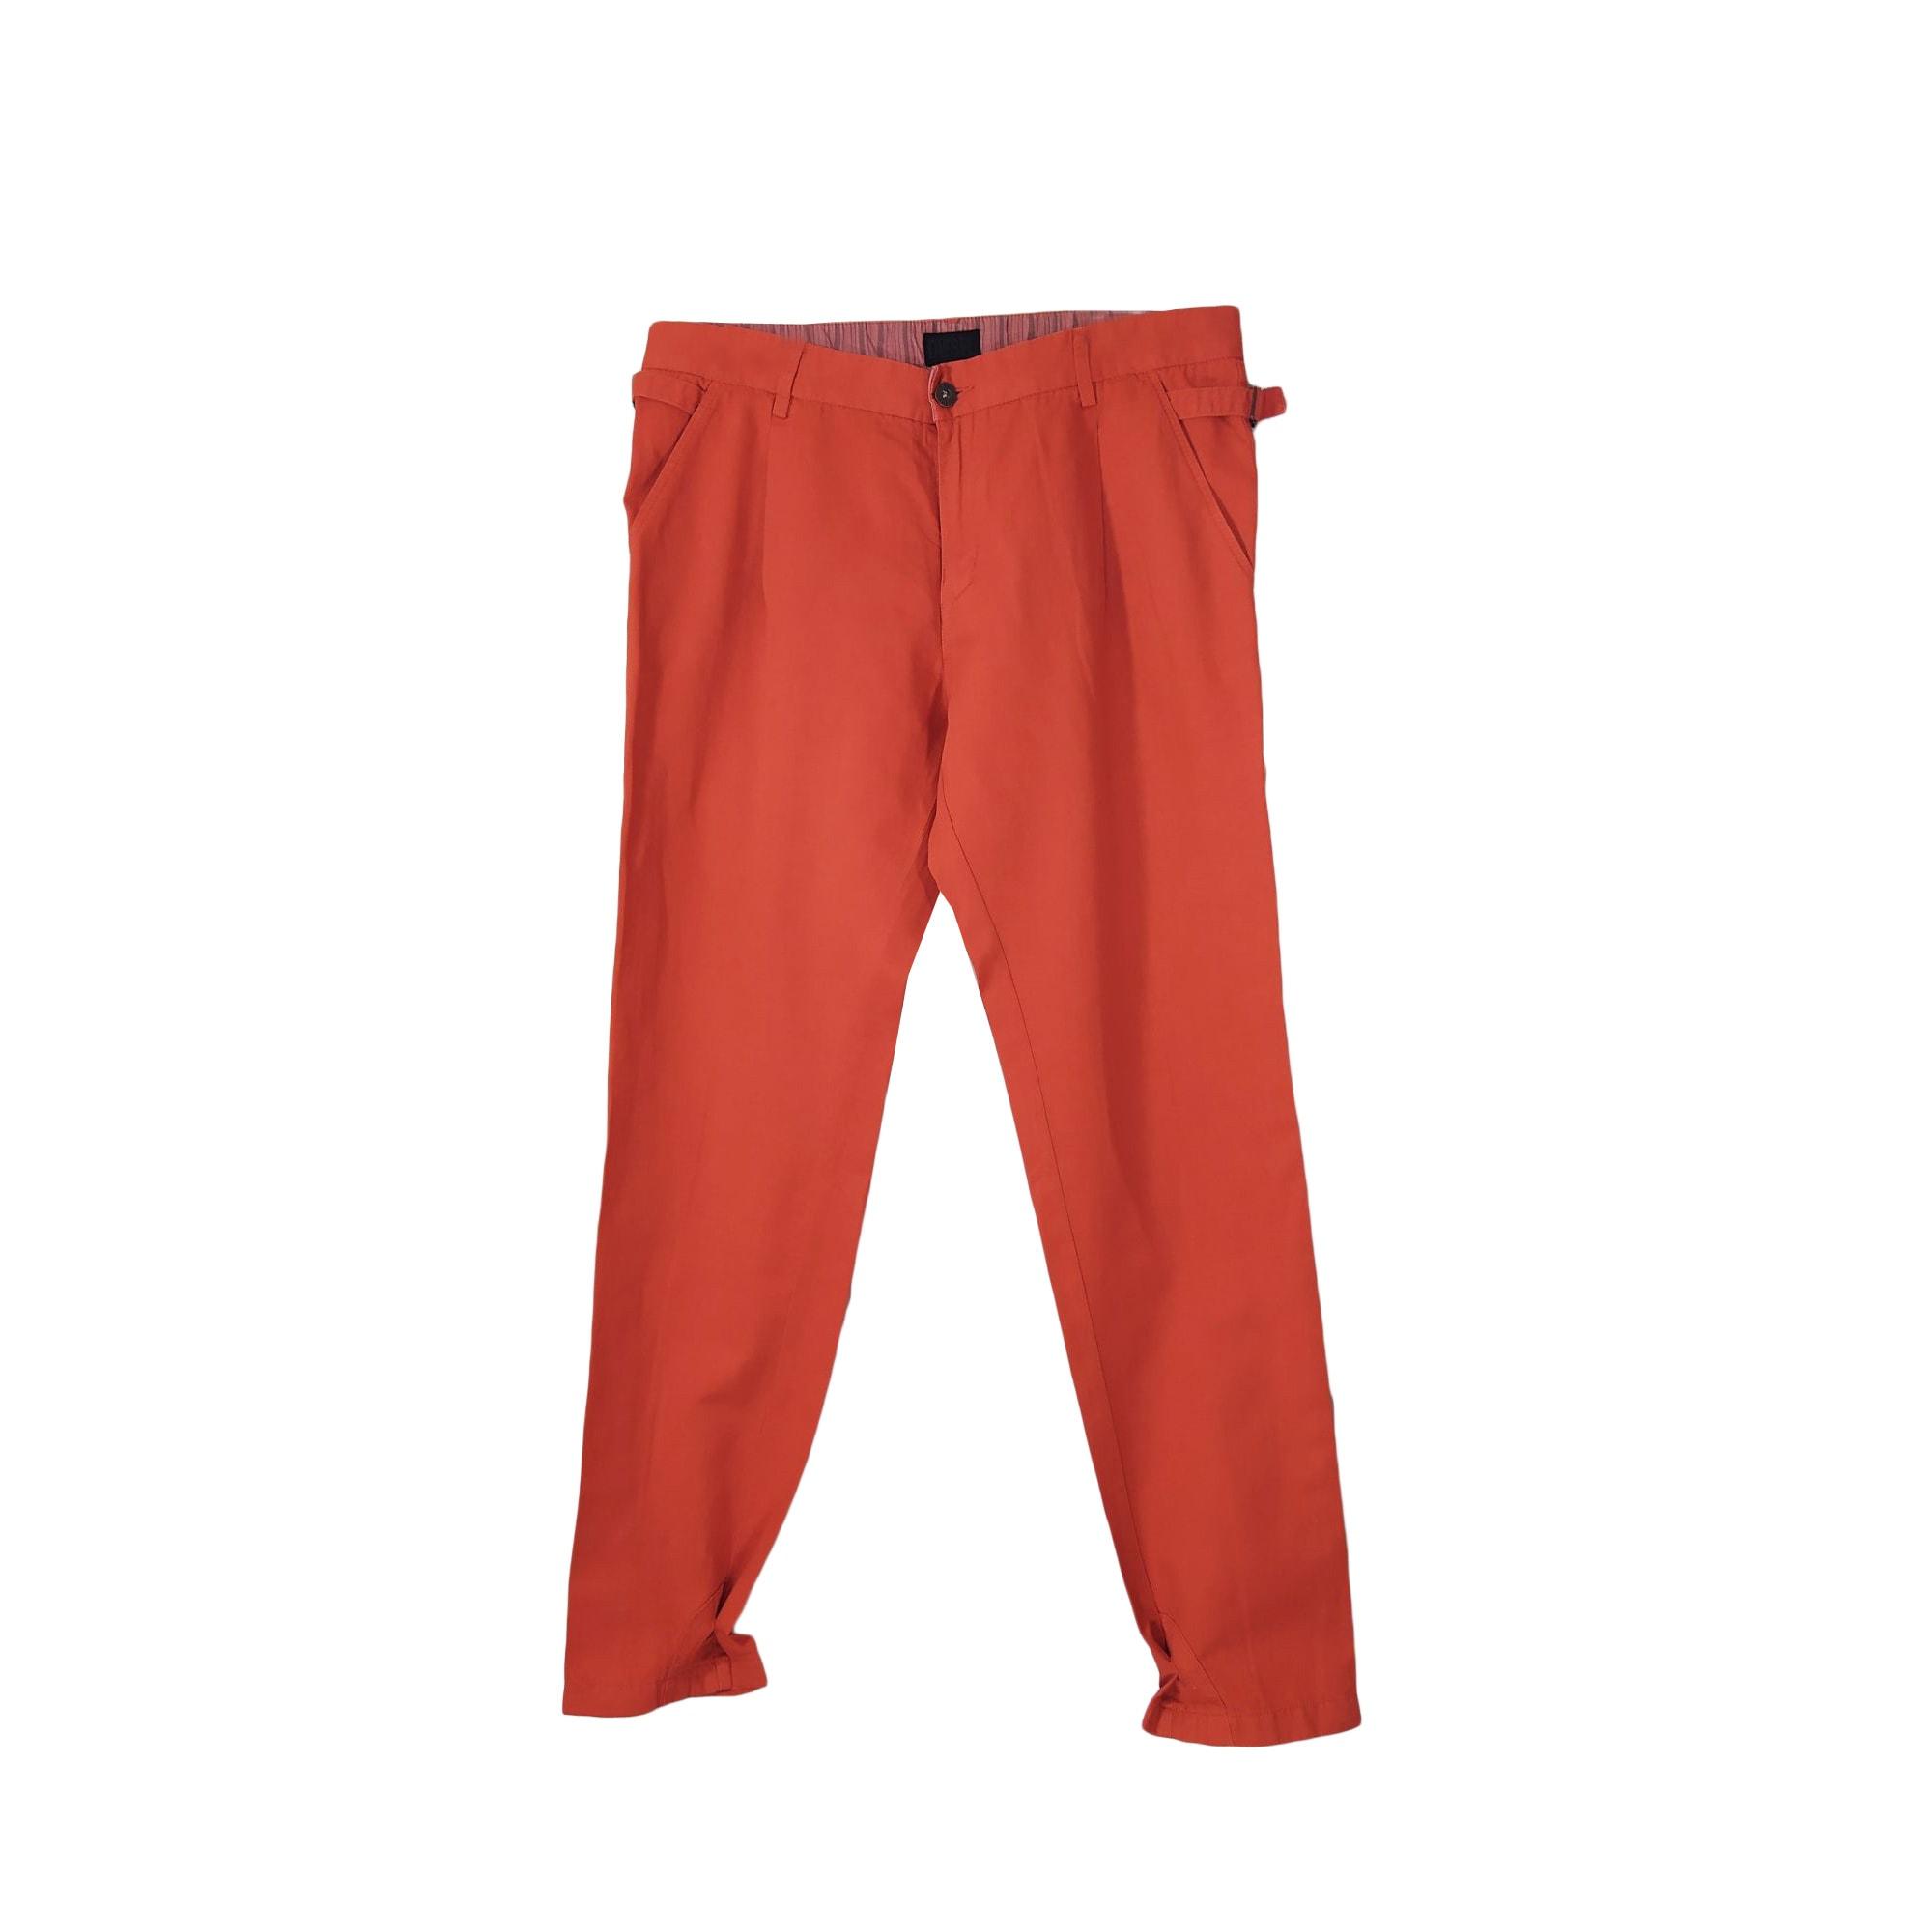 Pantalon droit DIESEL Orange